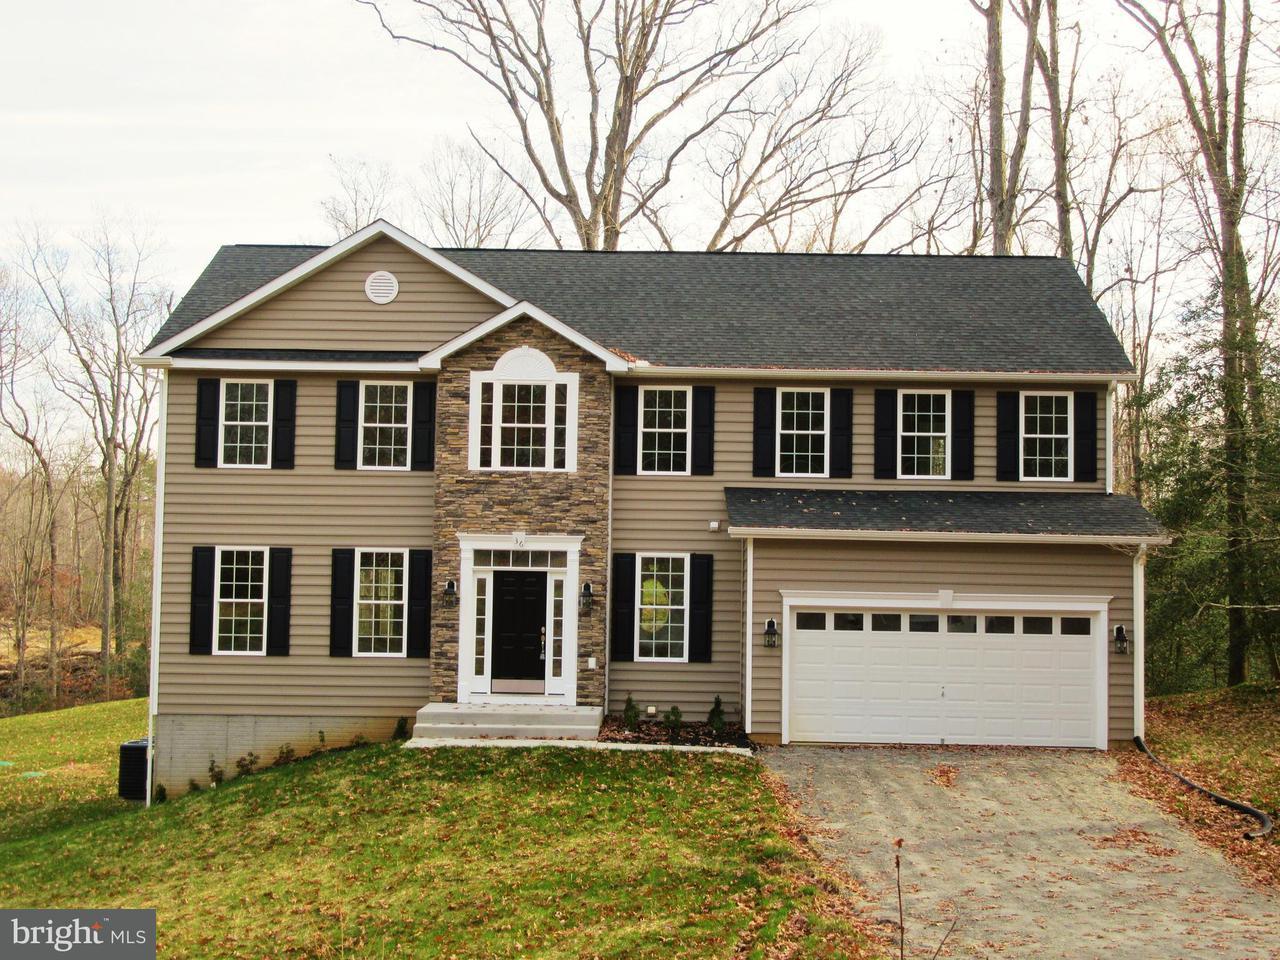 獨棟家庭住宅 為 出售 在 36 Hidden Springs Lane 36 Hidden Springs Lane Stafford, 弗吉尼亞州 22554 美國